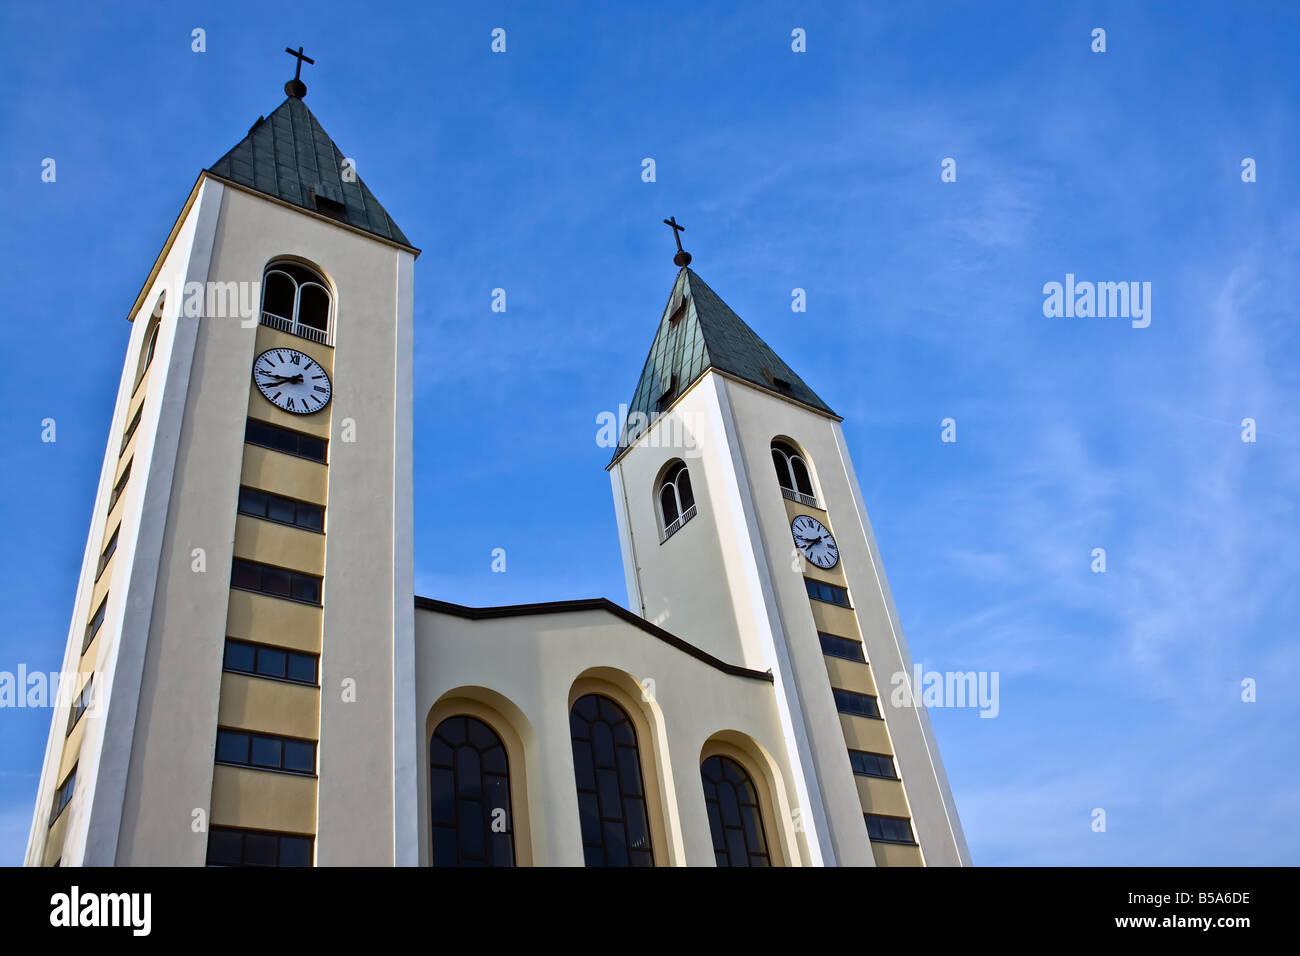 BOSNIA & HERZEGOVINA, MEDUGORJE. Church in the sanctuary Medjugorje, Herzegovina, Bosnia & Herzegovina, - Stock Image